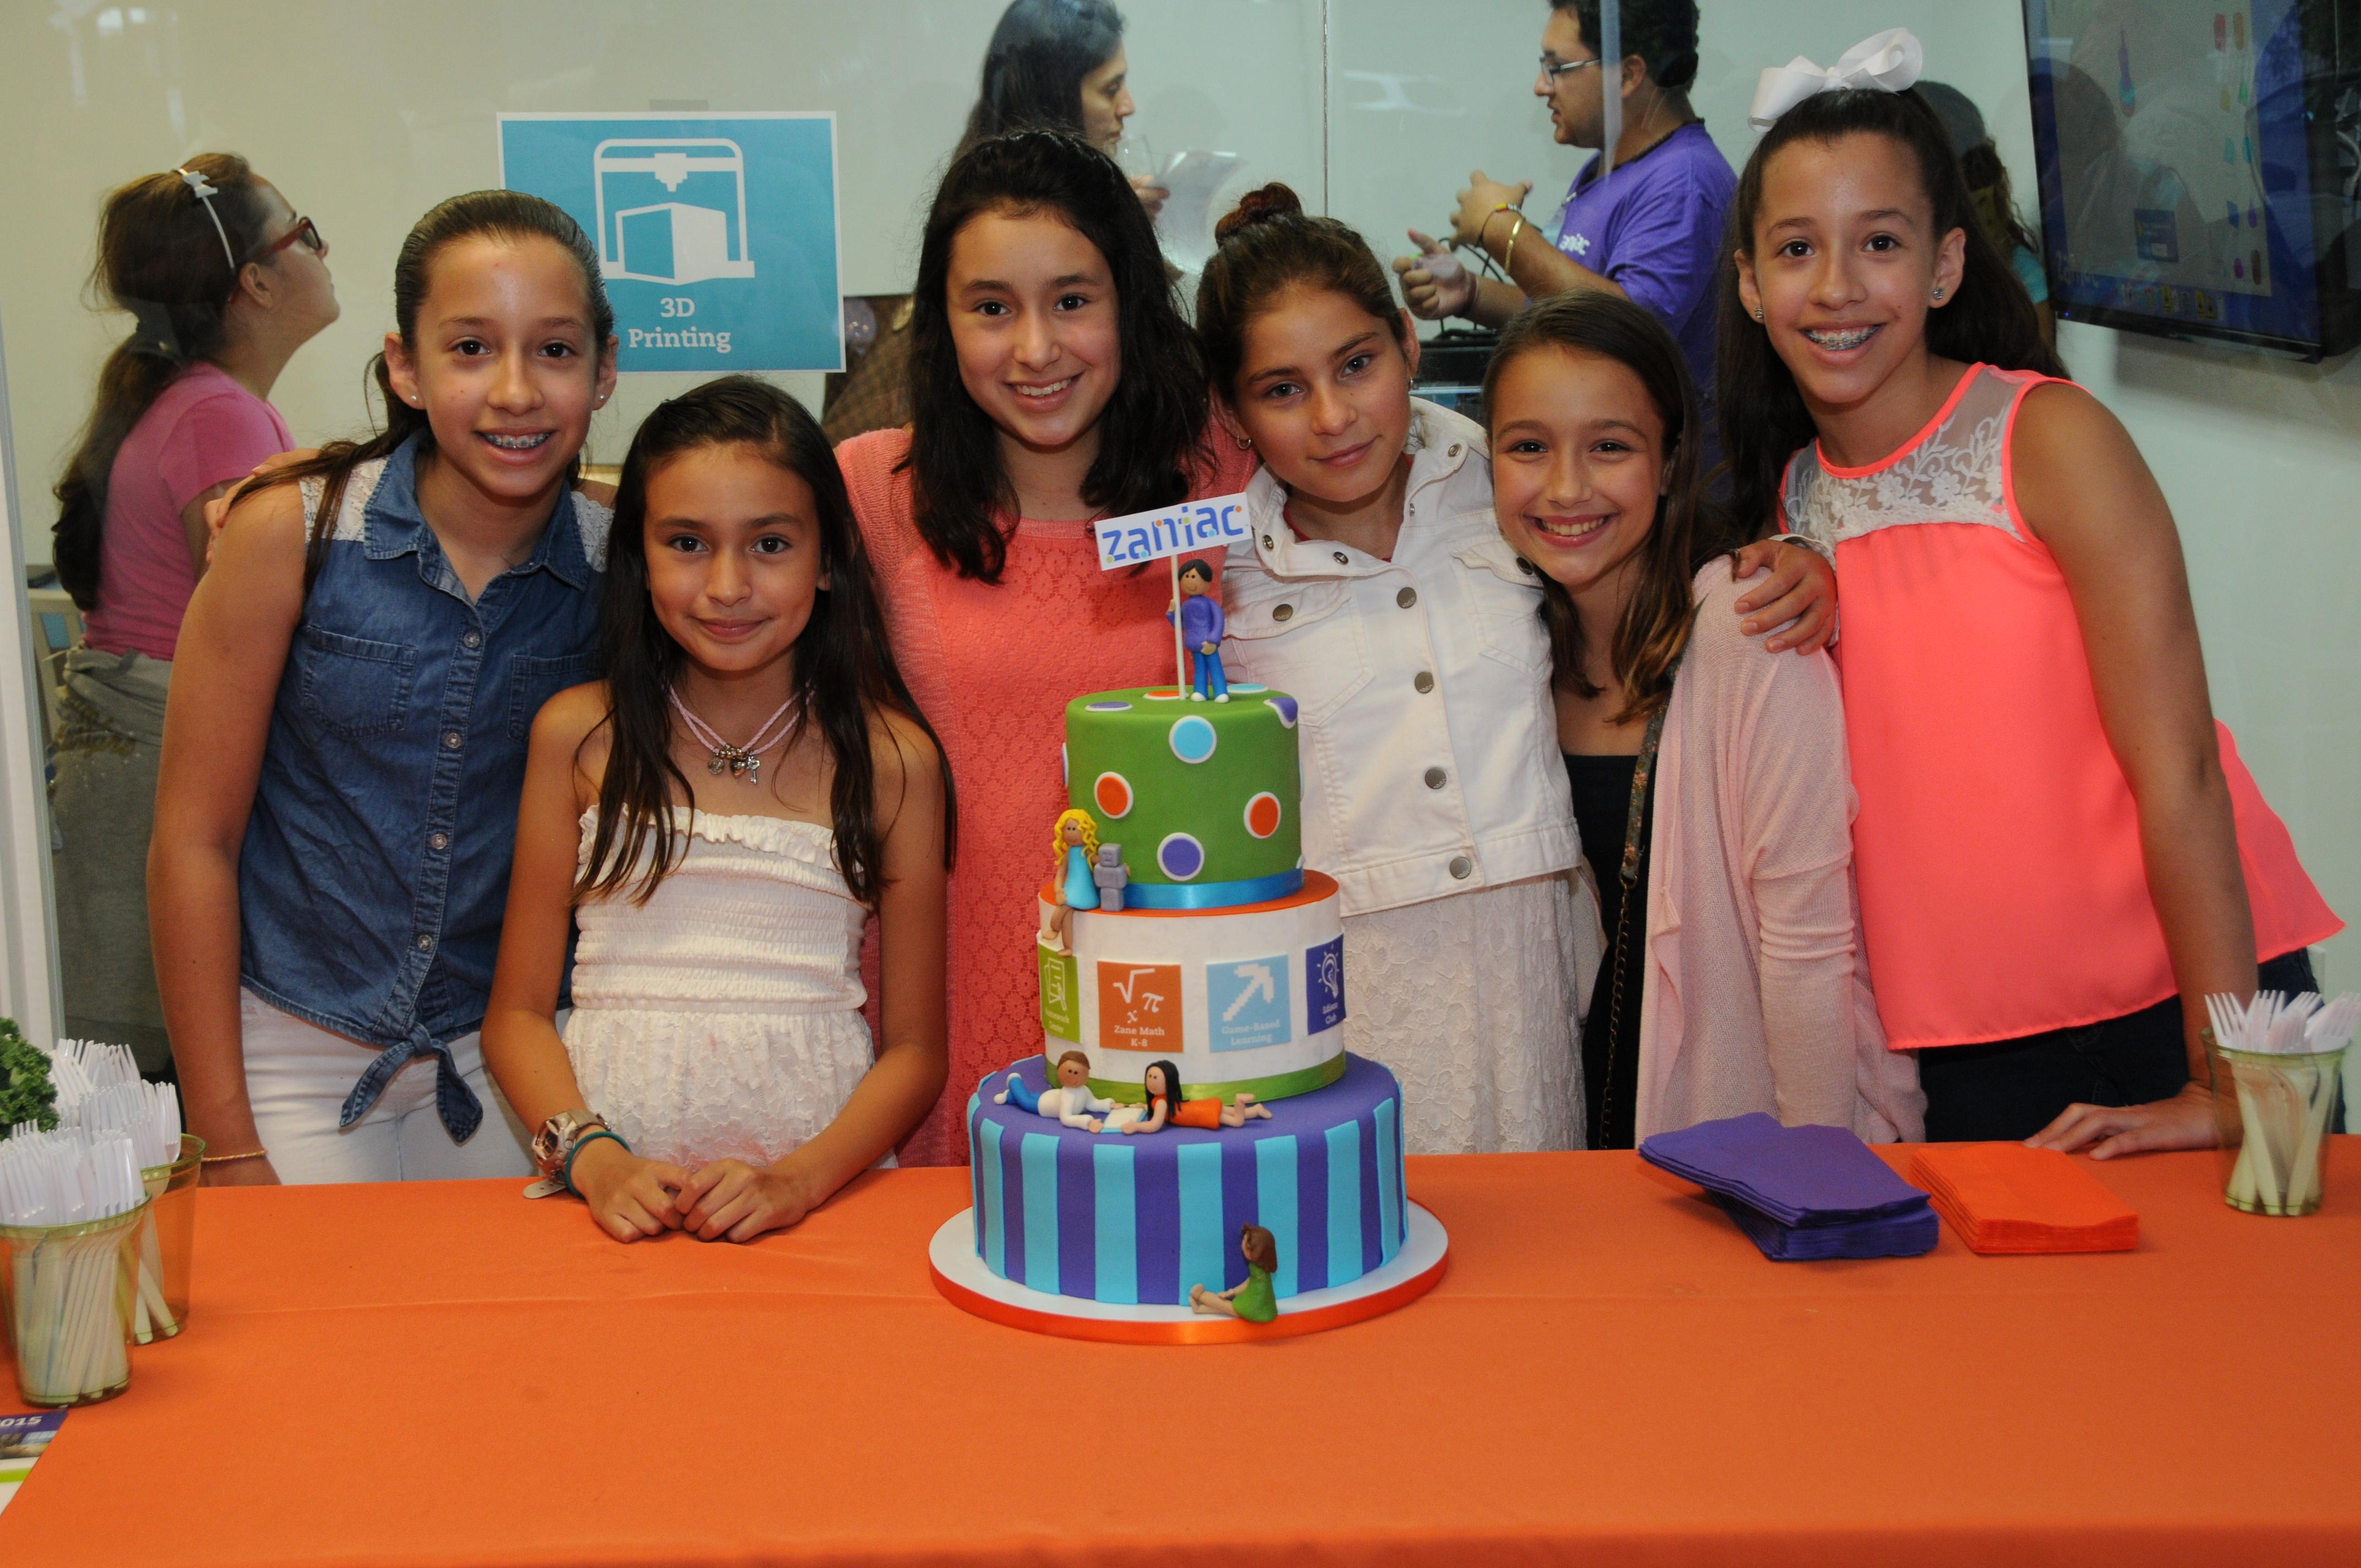 Birthday Parties Zaniac